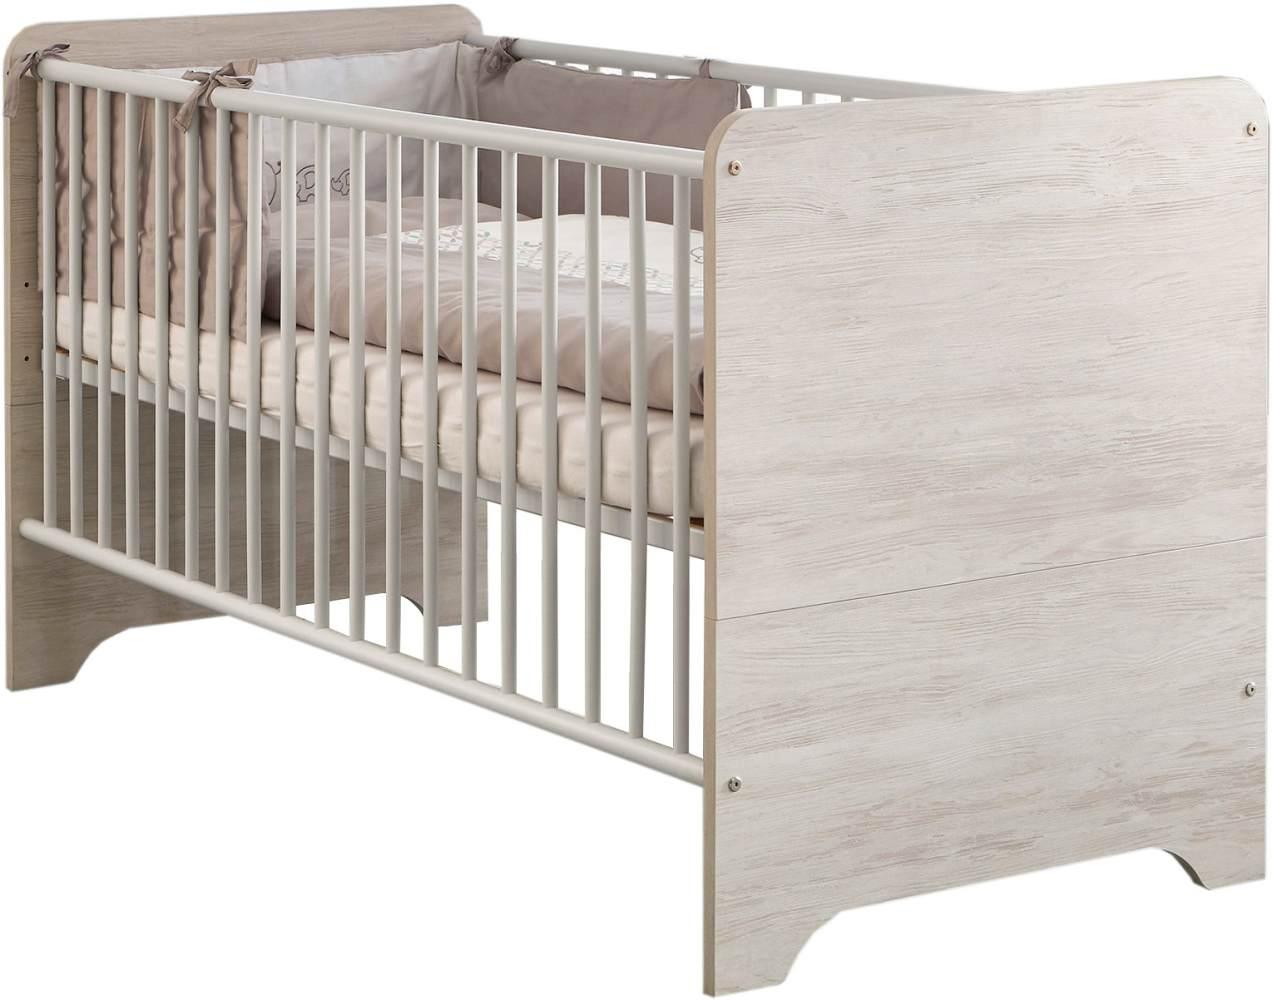 Arthur Berndt 'Leon' Kinderbett 70 x 140 cm inkl. Lattenrost 4-fach höhenverstellbar Light Wood Bild 1